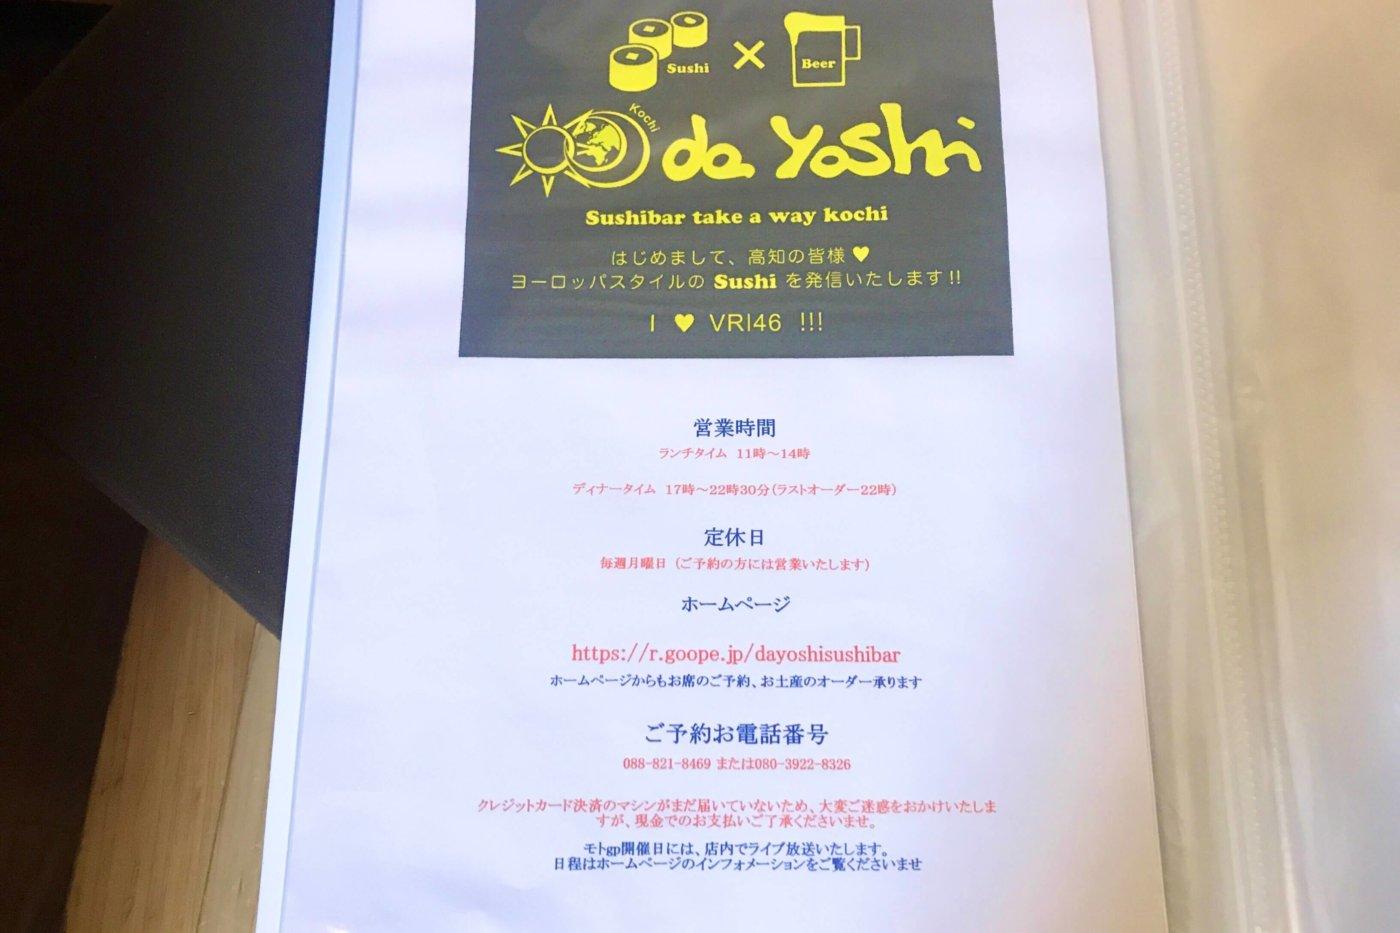 da yoshi sushibar(ダ ヨシ スシバー)営業時間と定休日